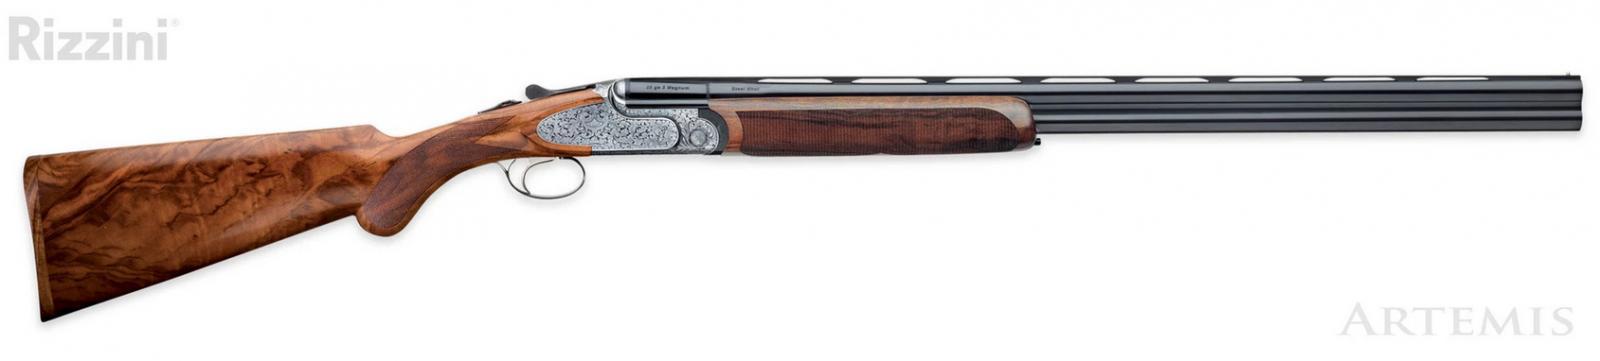 Fusil superposé RIZZINI Artemis Acier Cal. 12/76